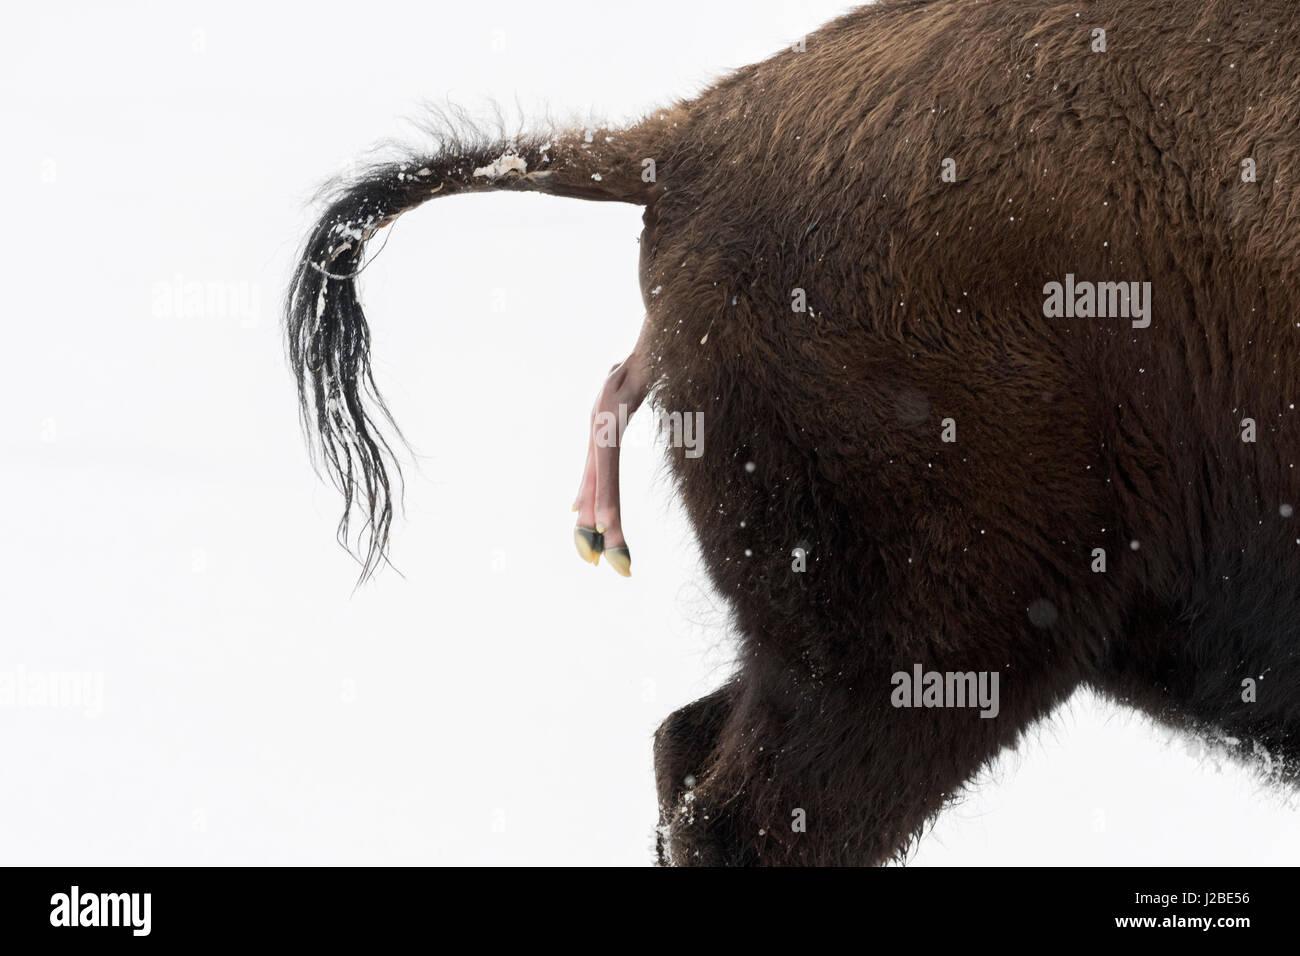 Amerikanischer Bison / Amerikanischer Bison (Bison Bison) gebiert ein Kalb in Winter, abortive Geburt im Schnee, Stockbild